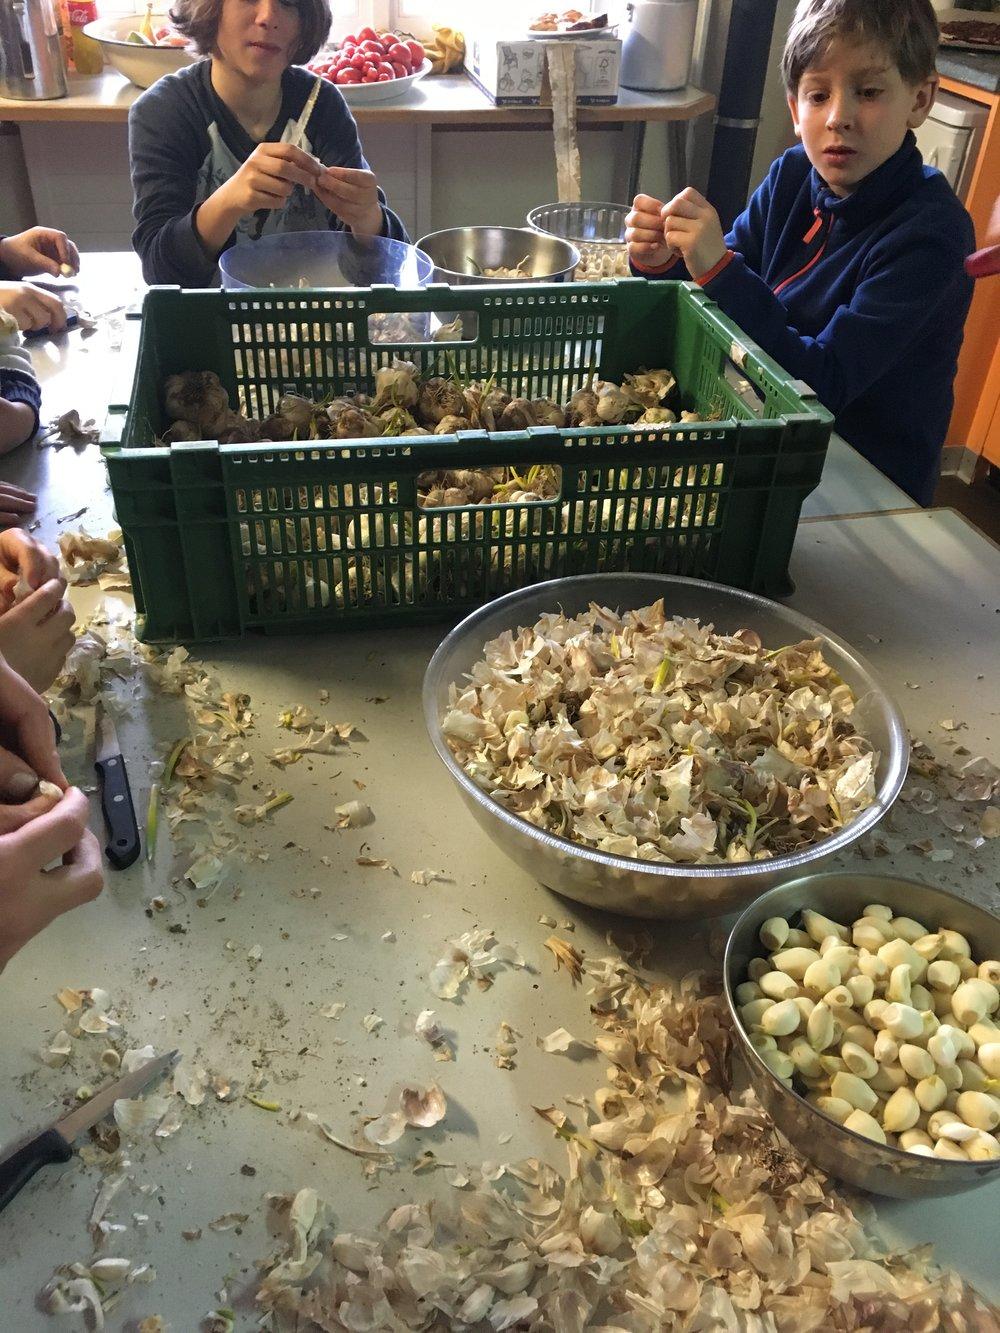 Louis und Camillo schälen tonnenweise Knoblauch, damit eine Knoblauchpaste hergestellt werden konnte, welche im Hofladen verkauft wurde